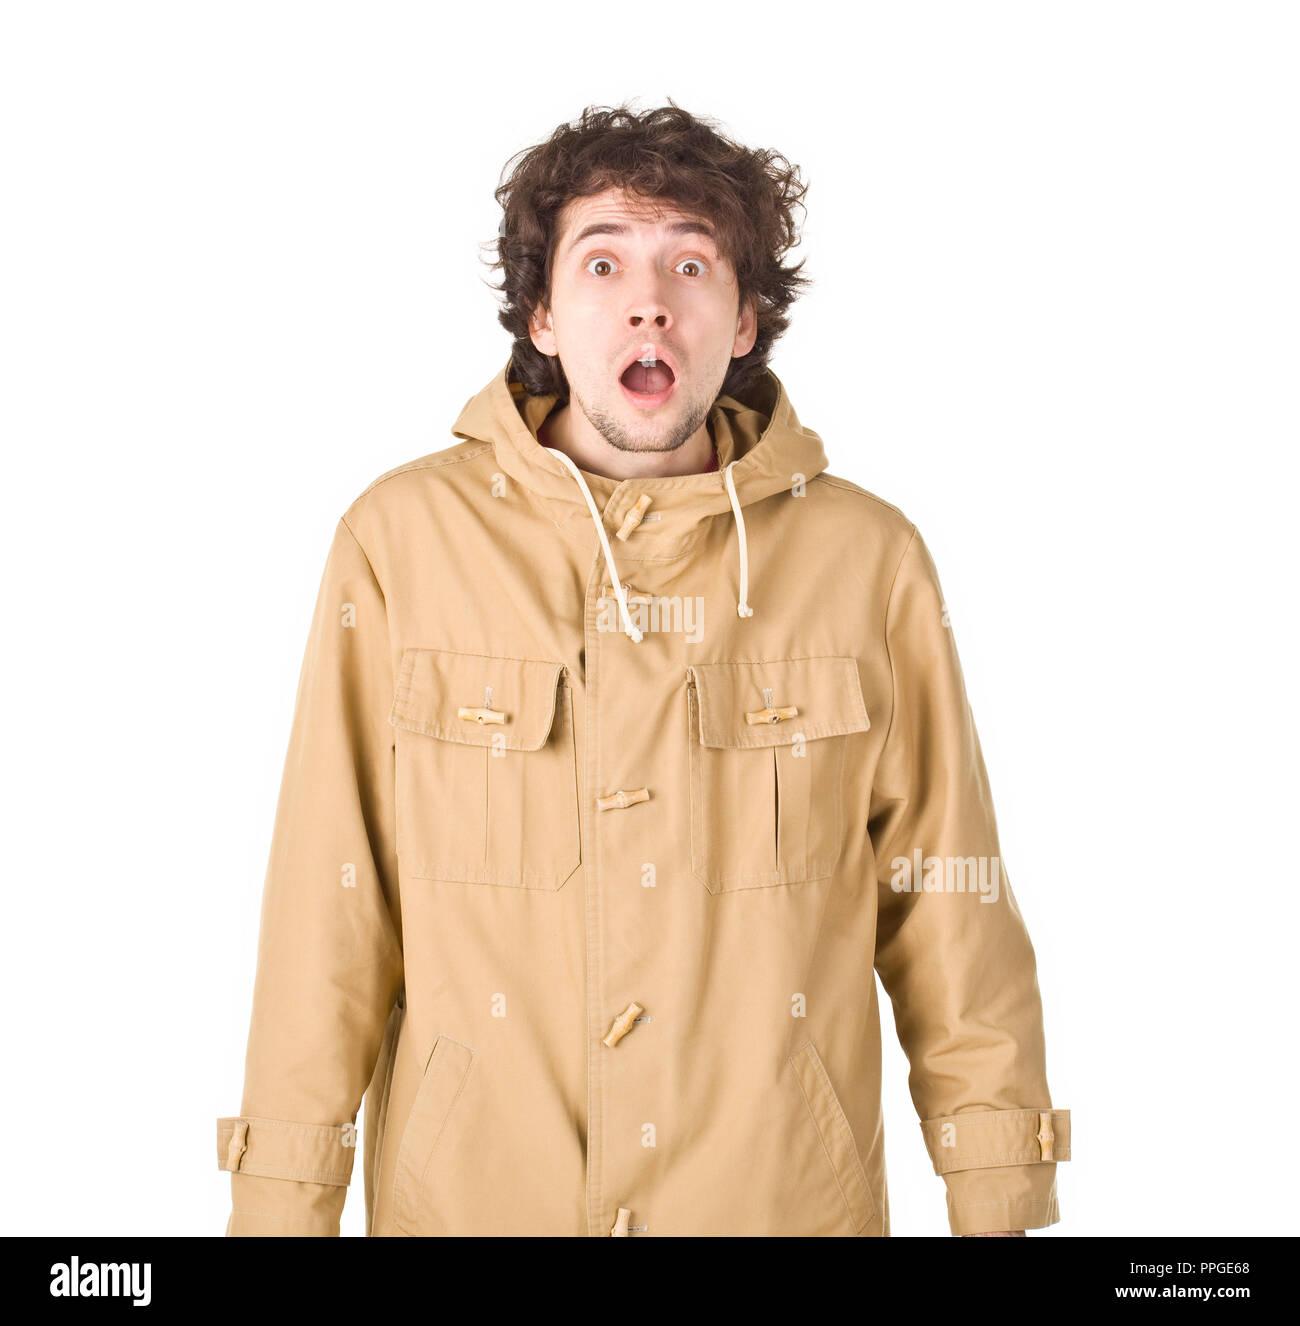 Kinky surprenant homme portant en manteau brun Photo Stock